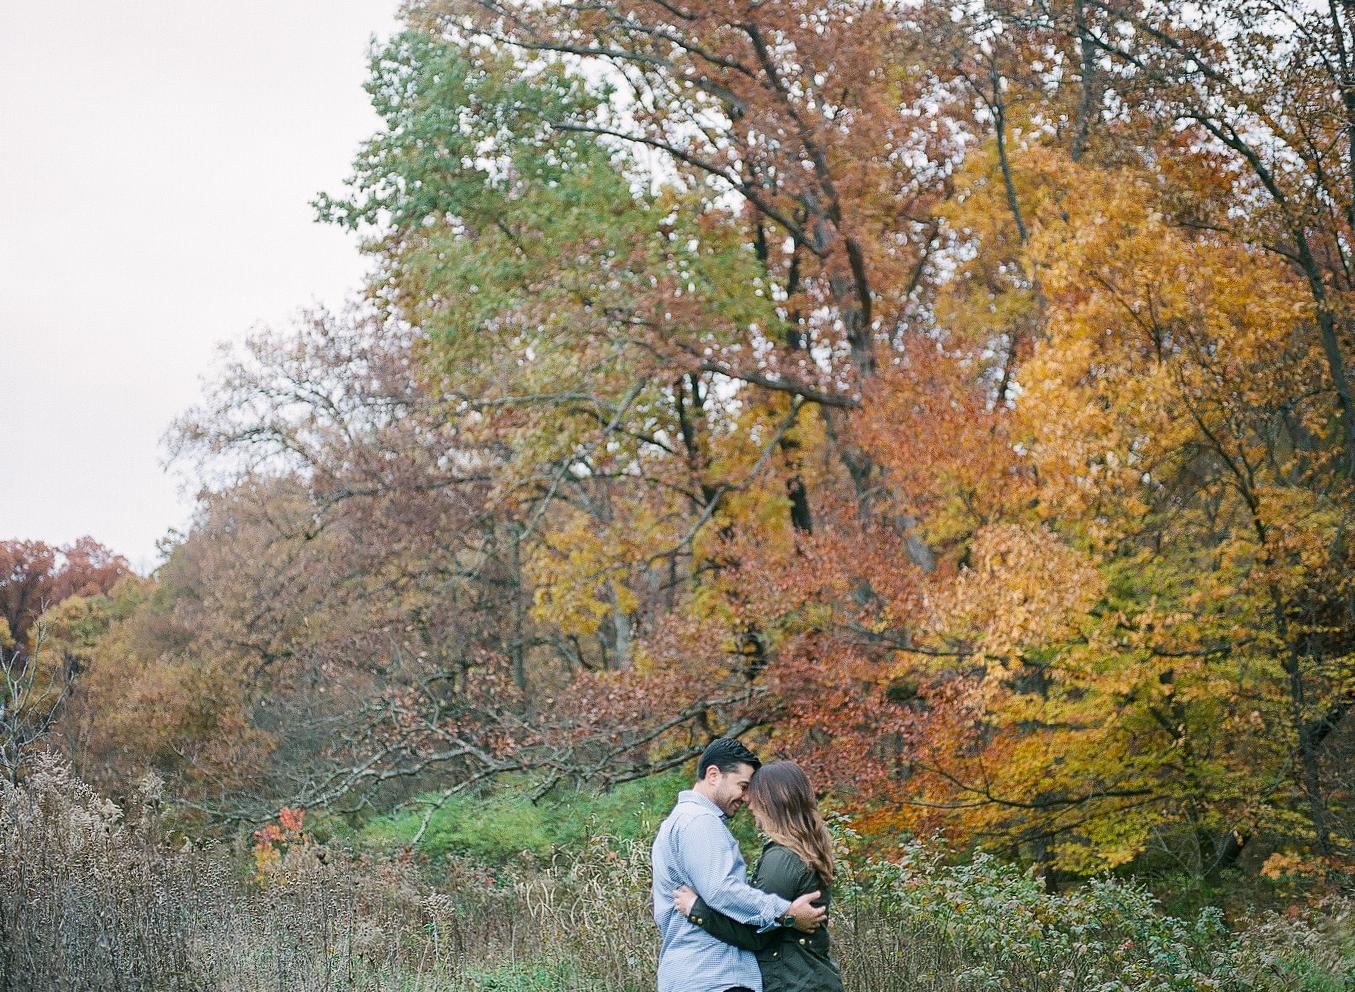 columbus ohio engagement film photographer-3-2.jpg